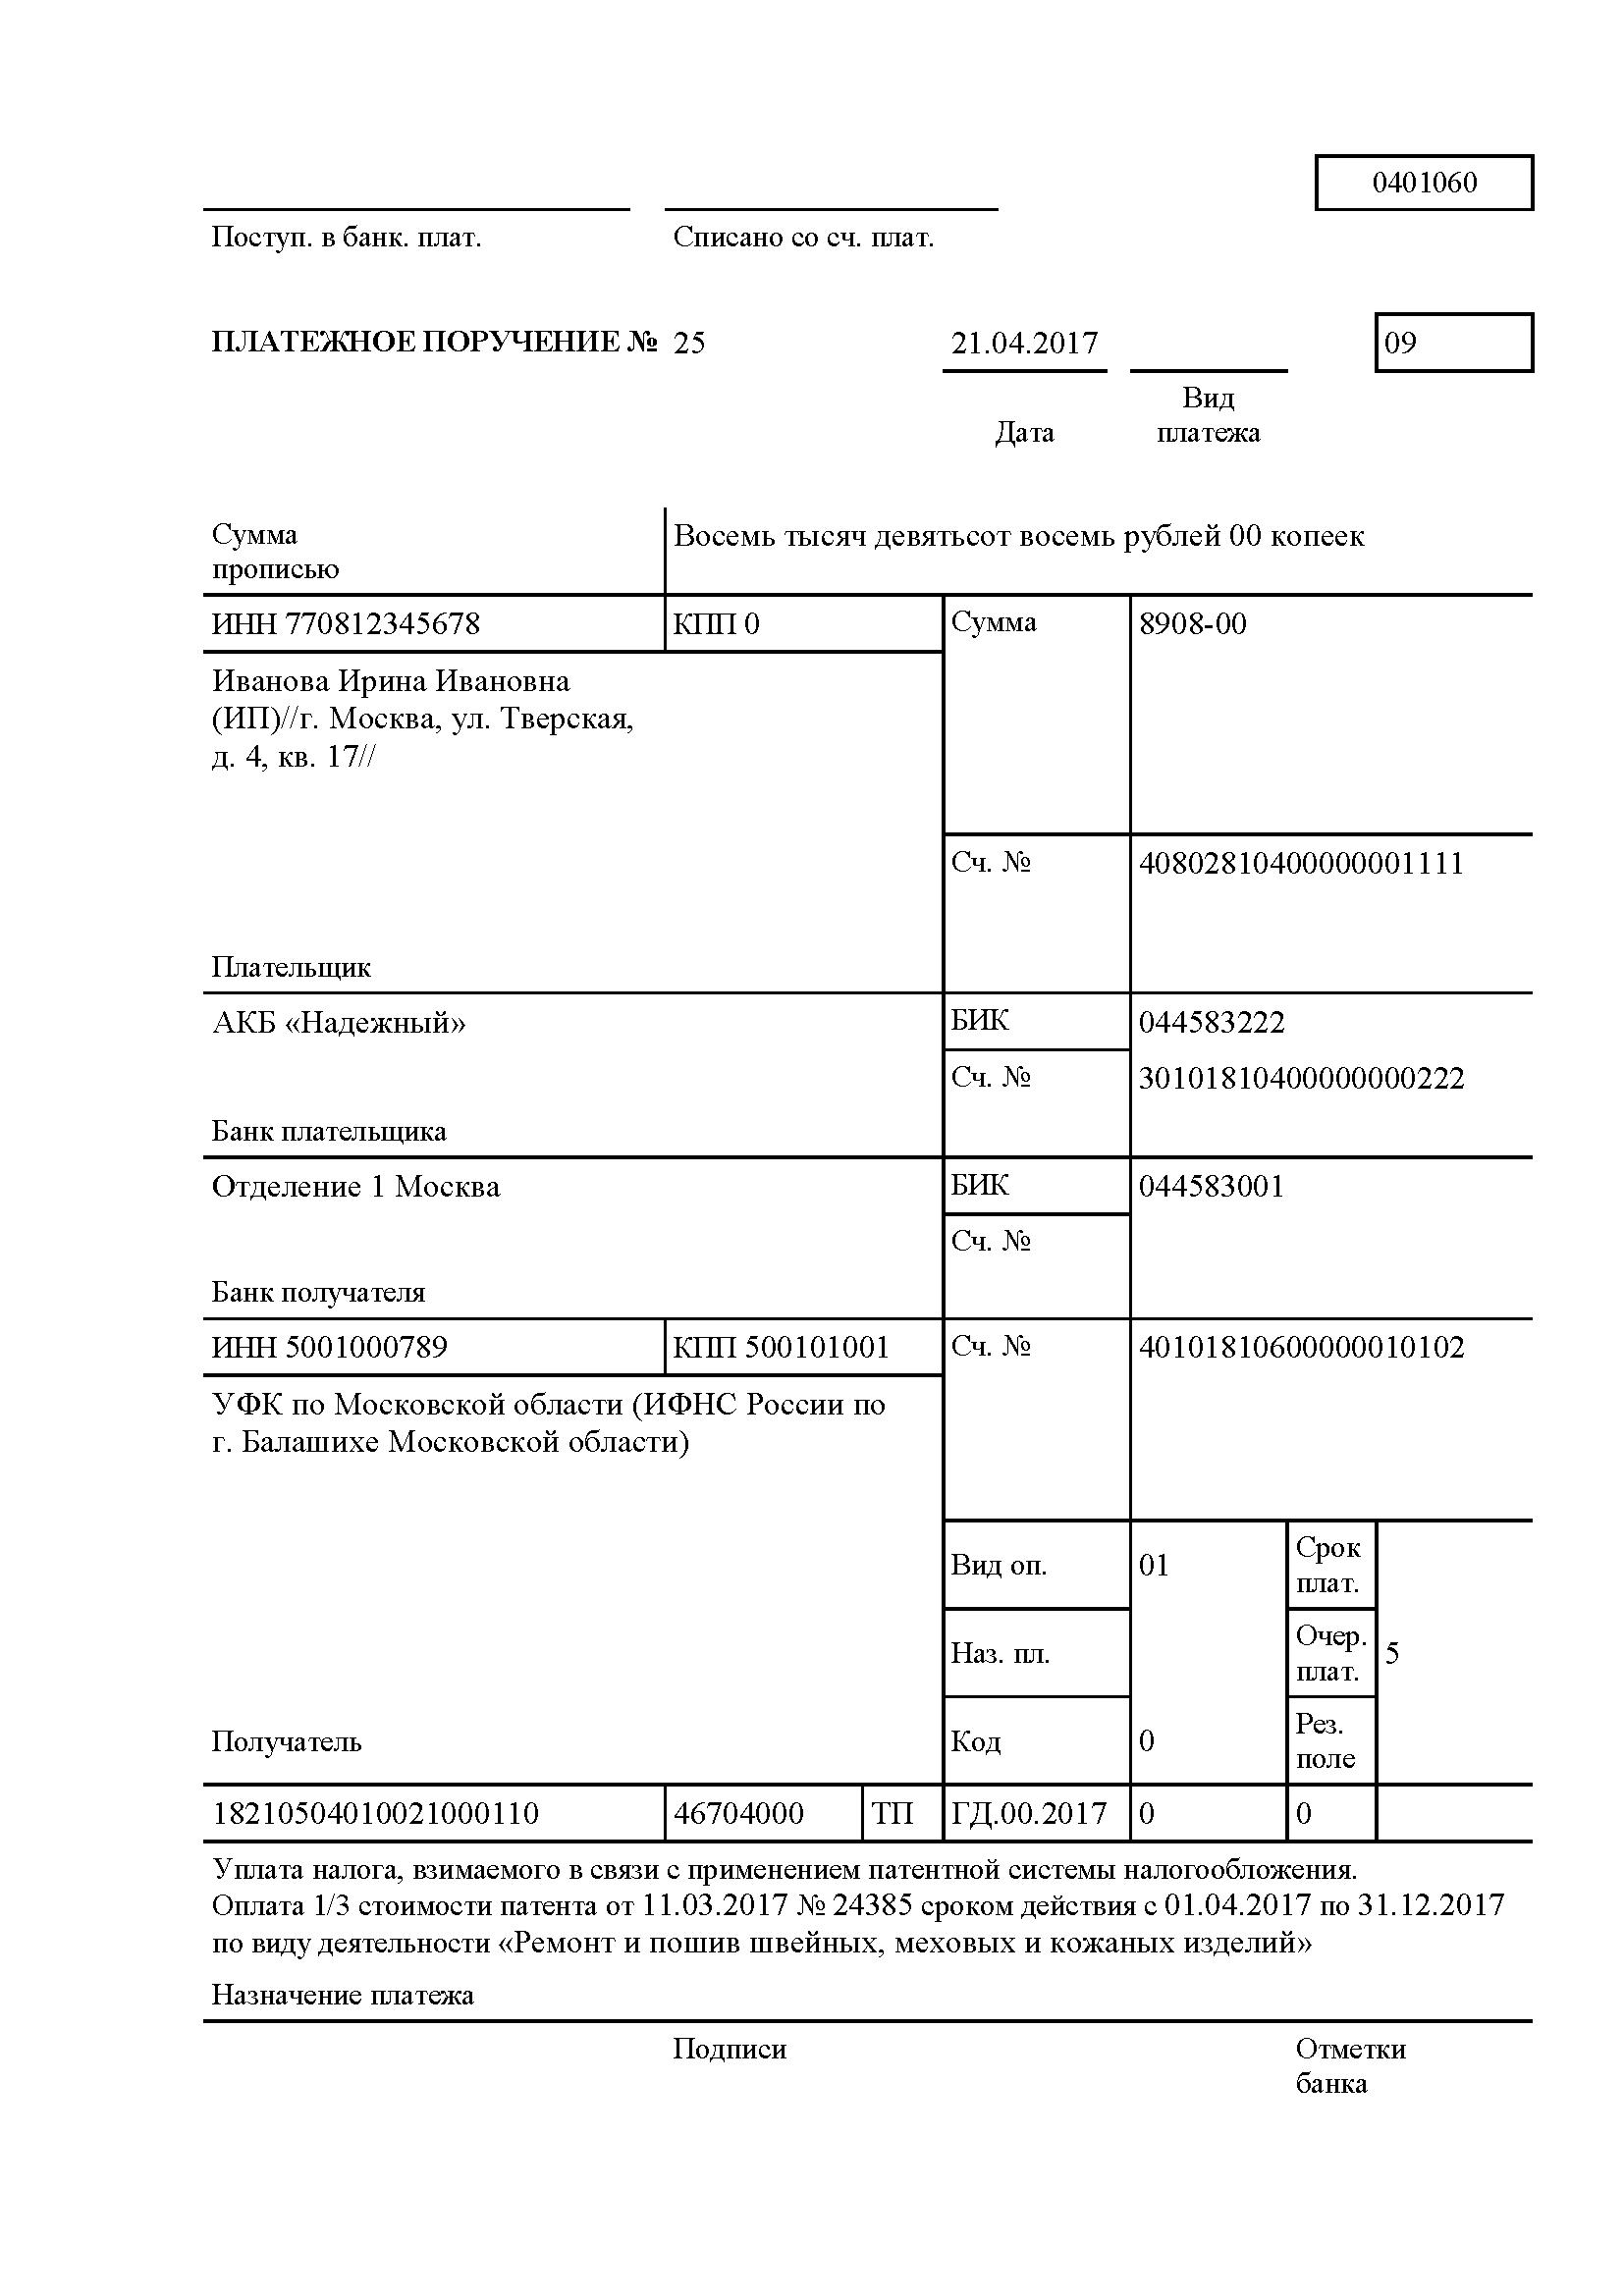 бланк форм 26.5-1